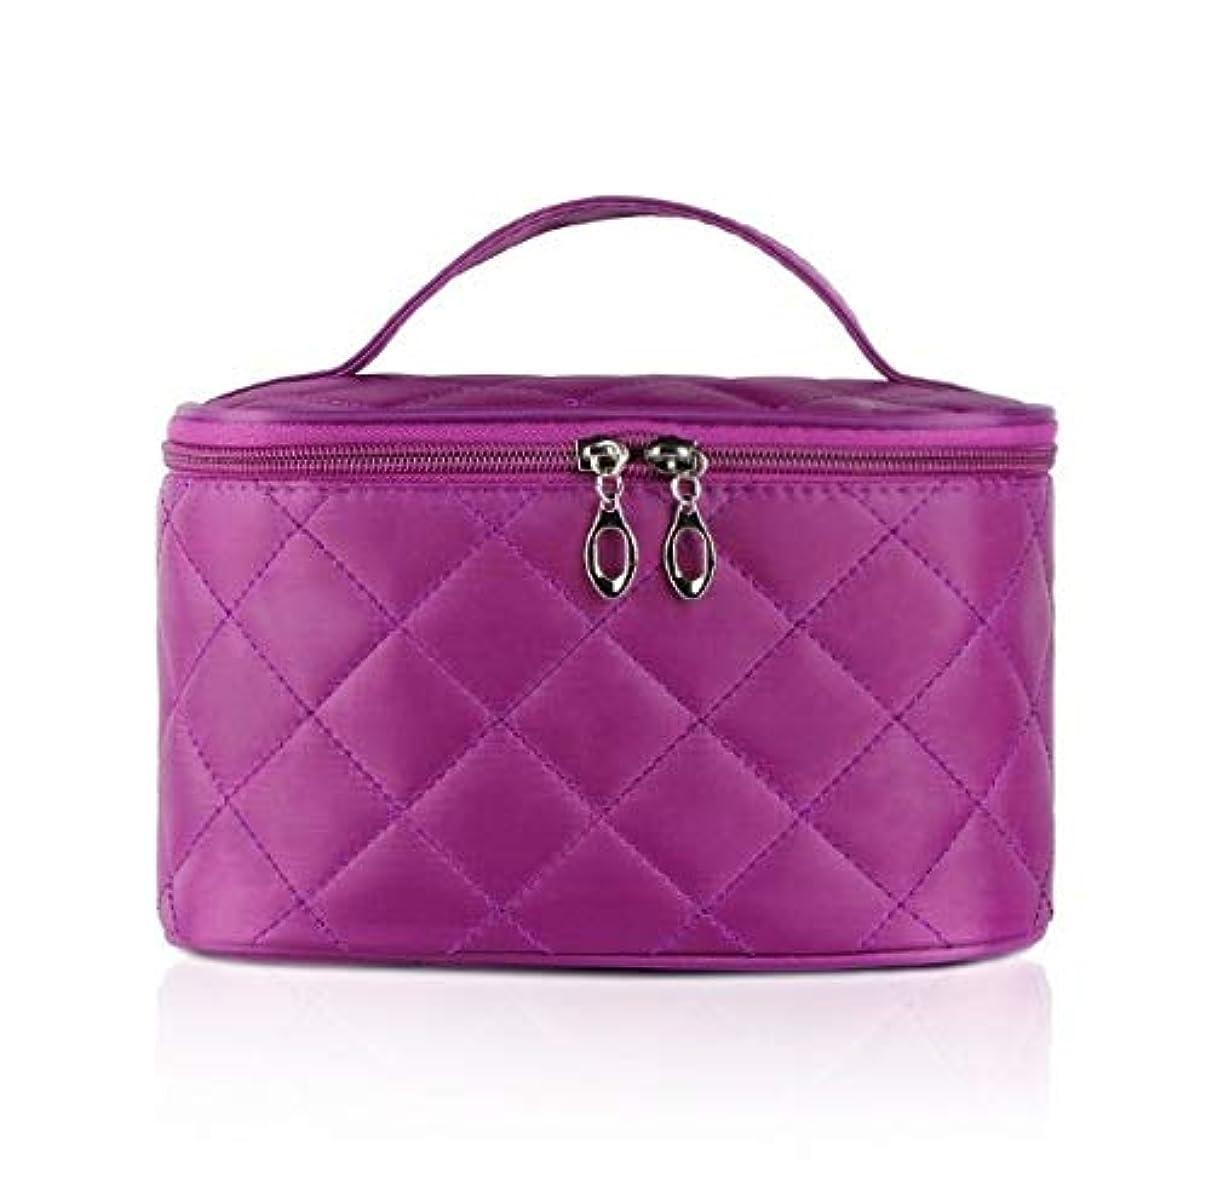 を除く酸っぱい重くする化粧箱、簡単な菱形の正方形の携帯用化粧品袋、携帯用携帯用旅行化粧品の箱、美の釘の宝石類の収納箱 (Color : Purple)